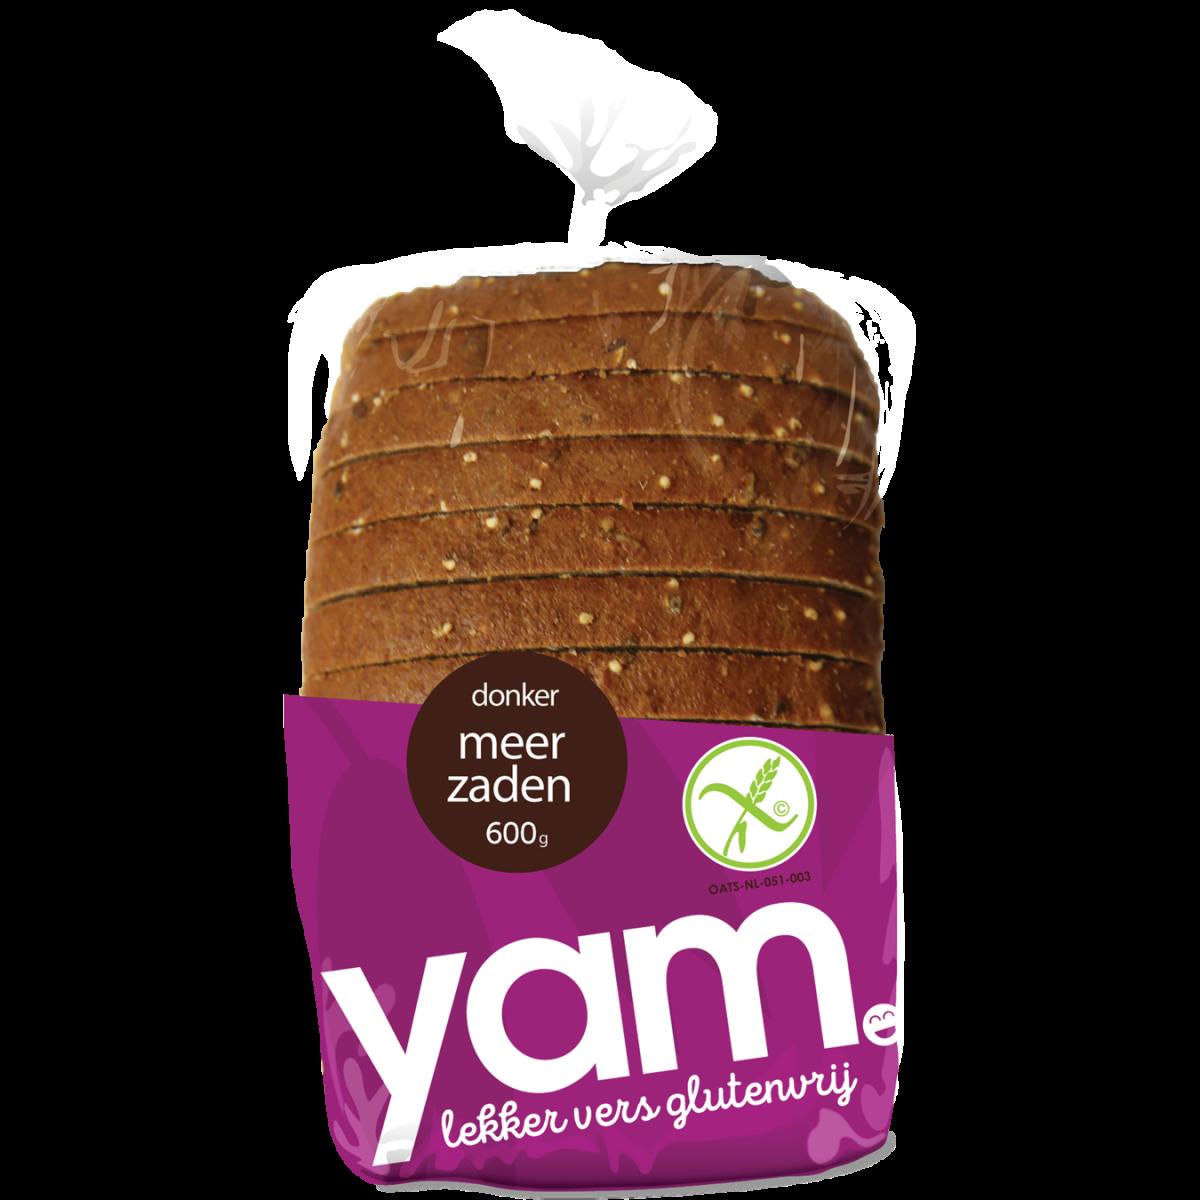 Donker Meerzaden Brood